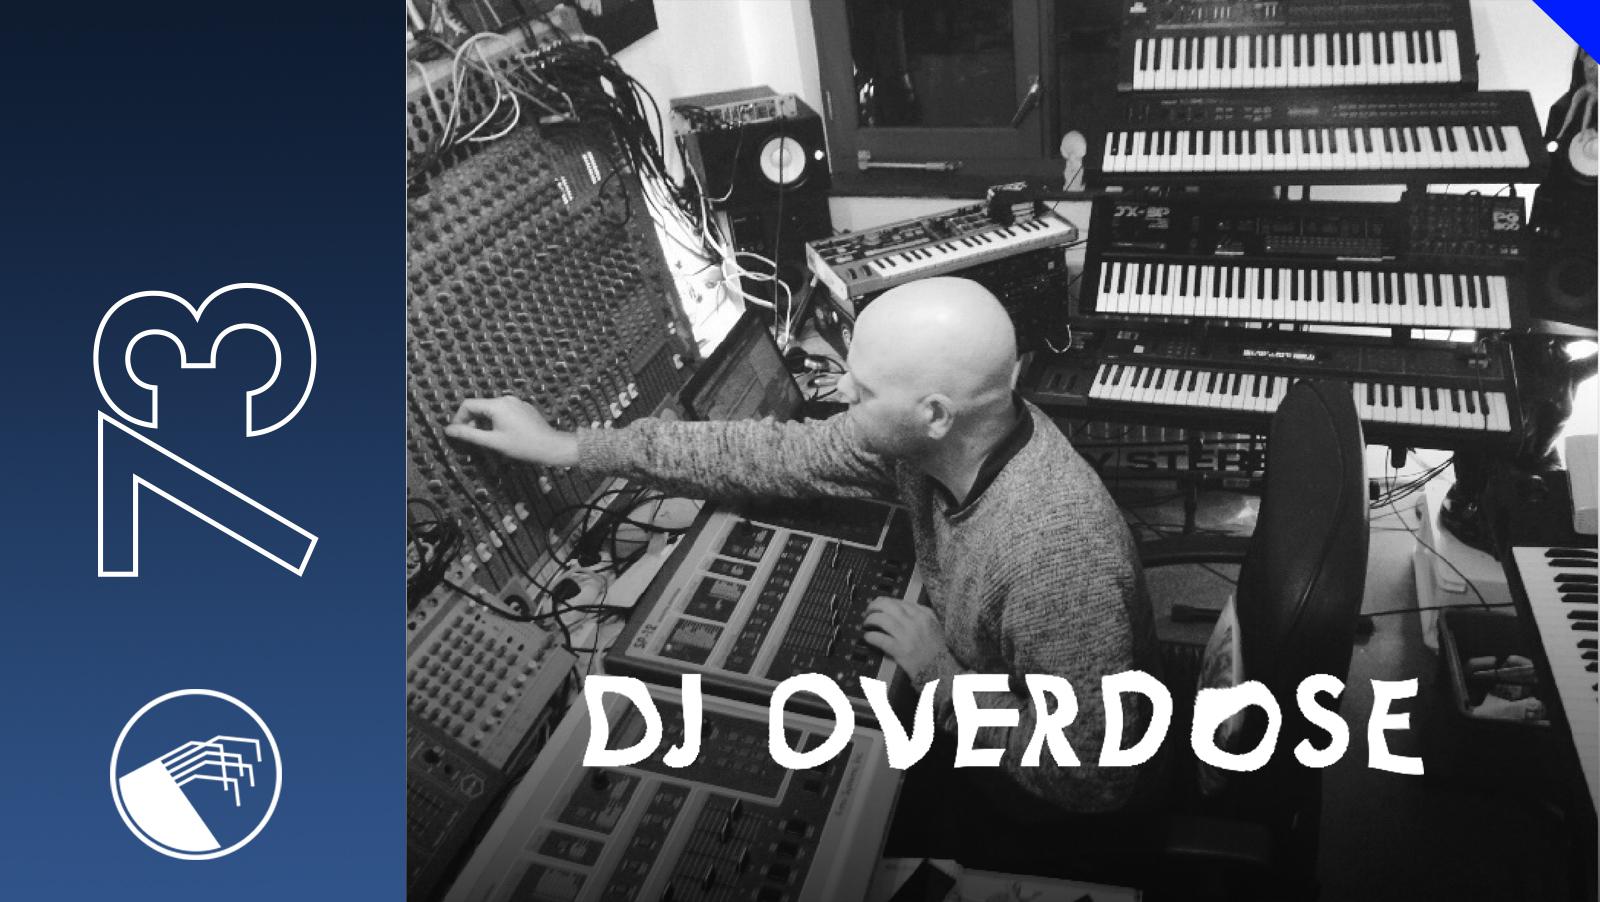 073 Dj Overdose